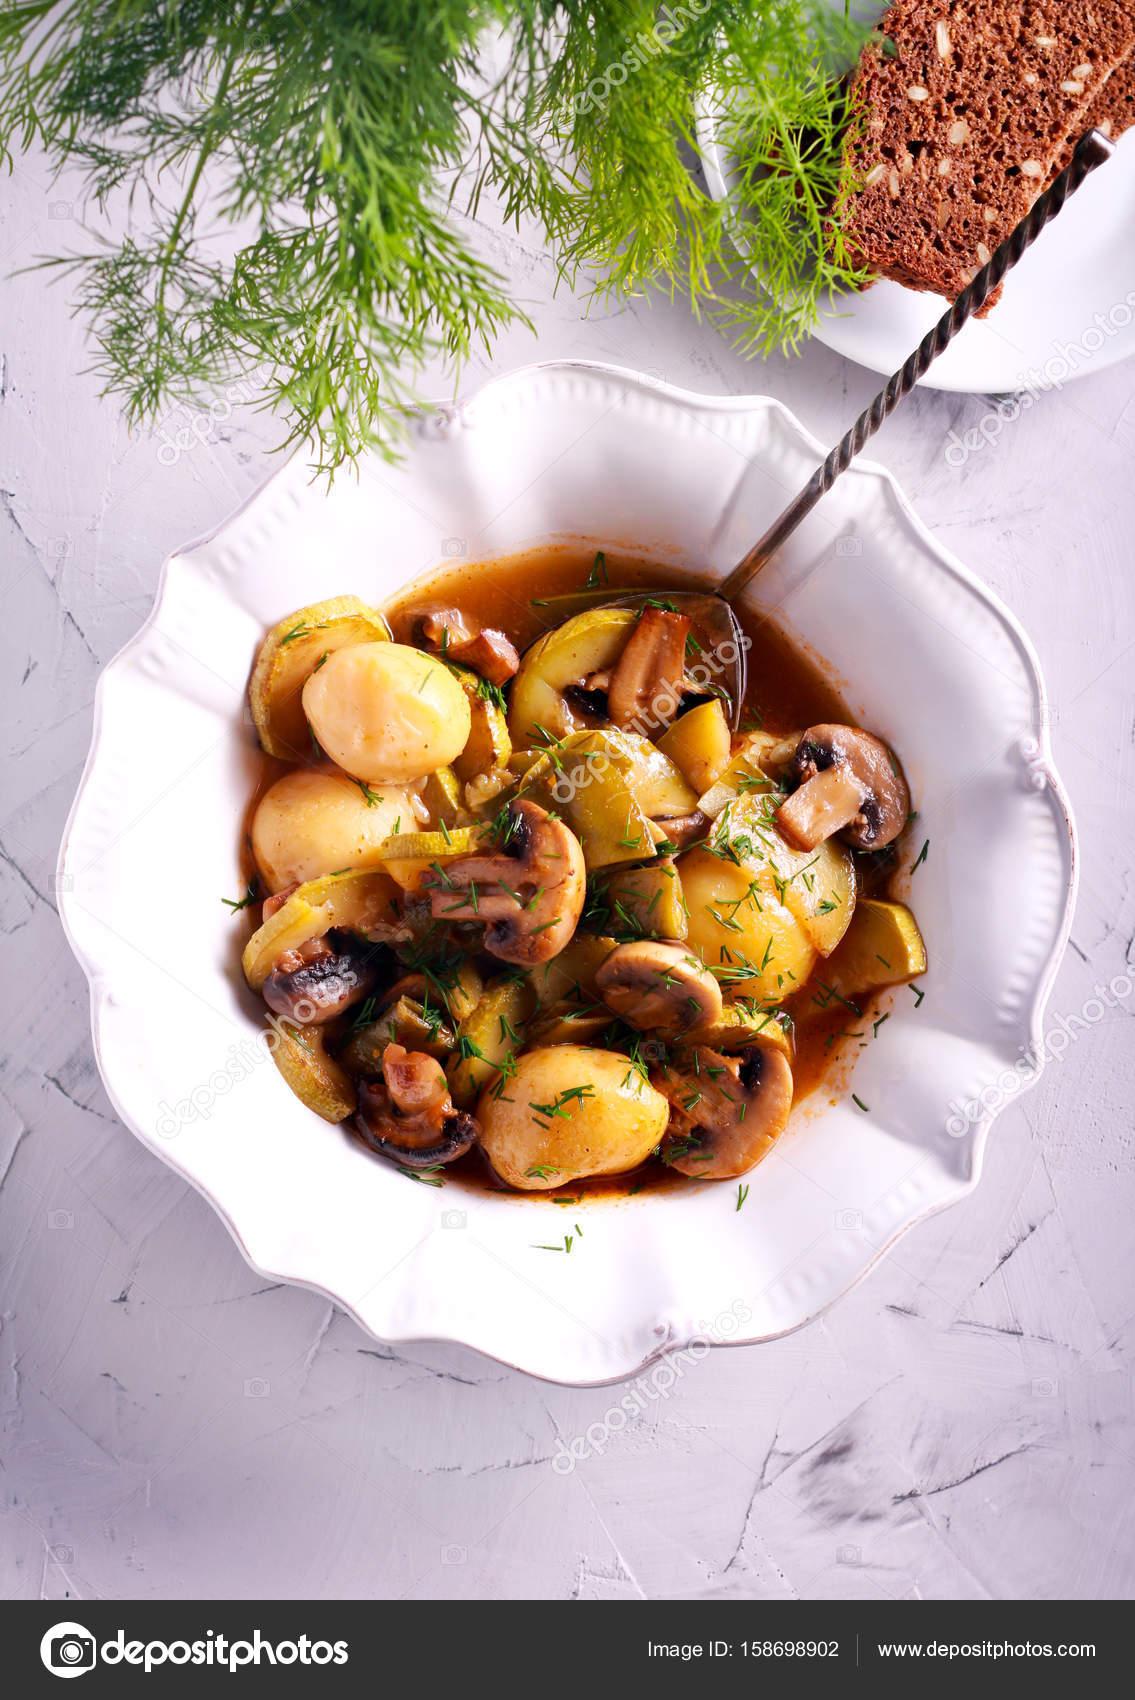 Kartoffel Pilz Zucchini Auflauf Stockfoto Manyakotic 158698902